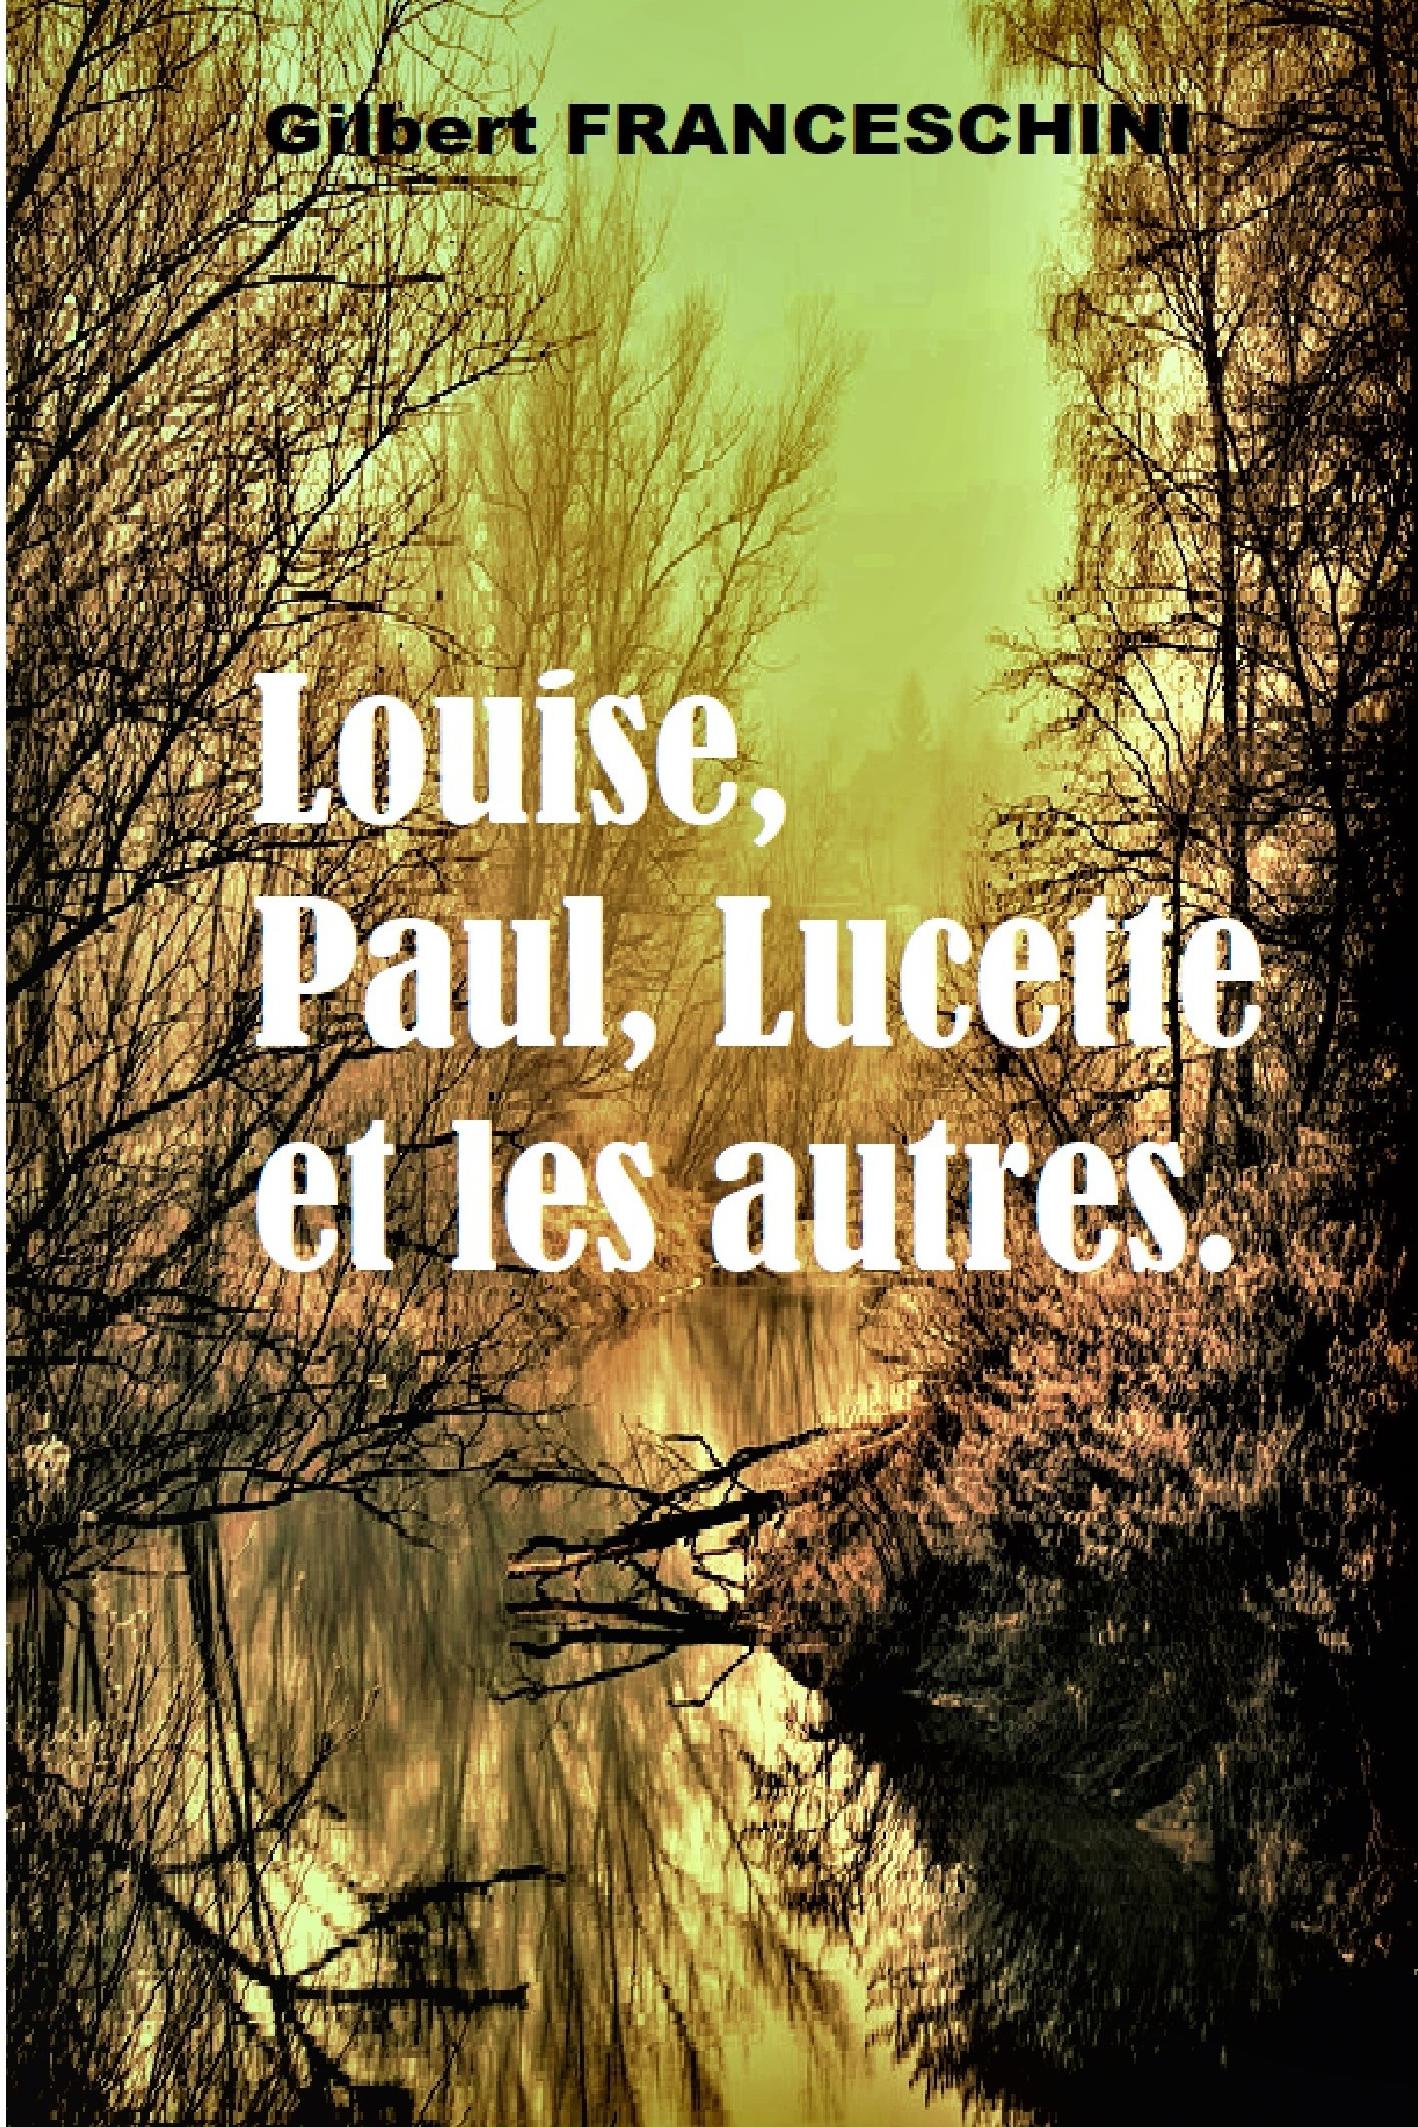 Louise, Paul, Lucette et les autres.